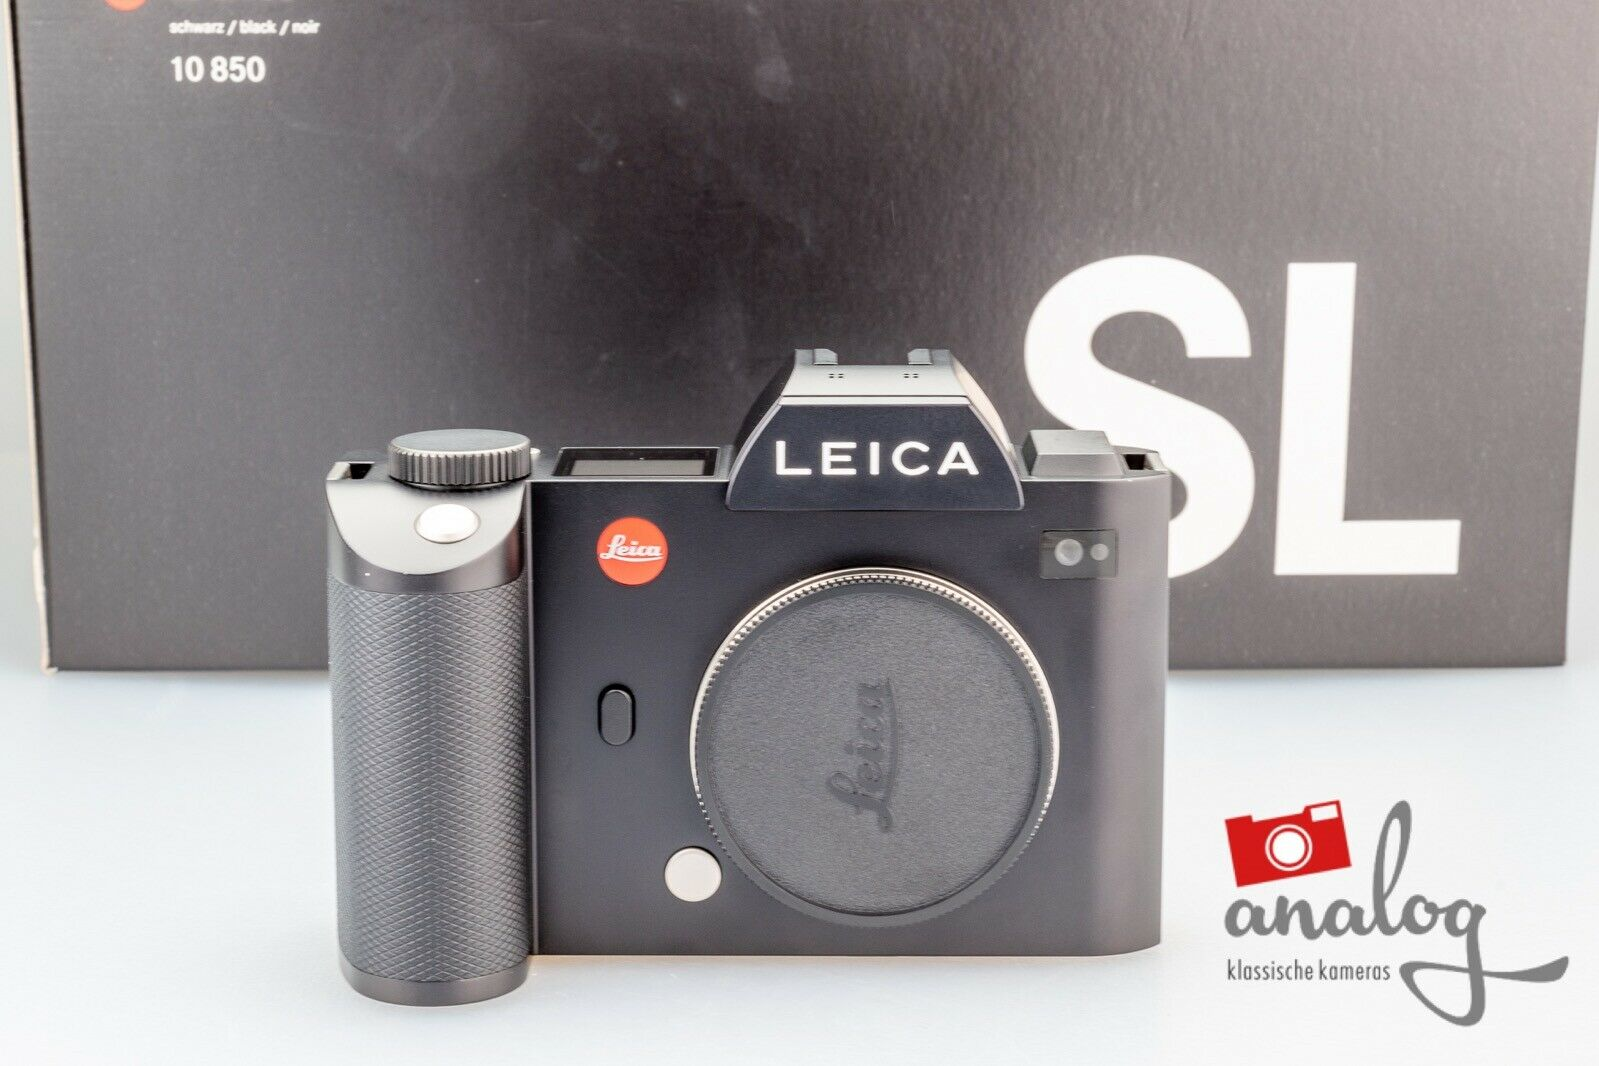 Leica SL (Typ 601) - 10850 - vom Juni 2016